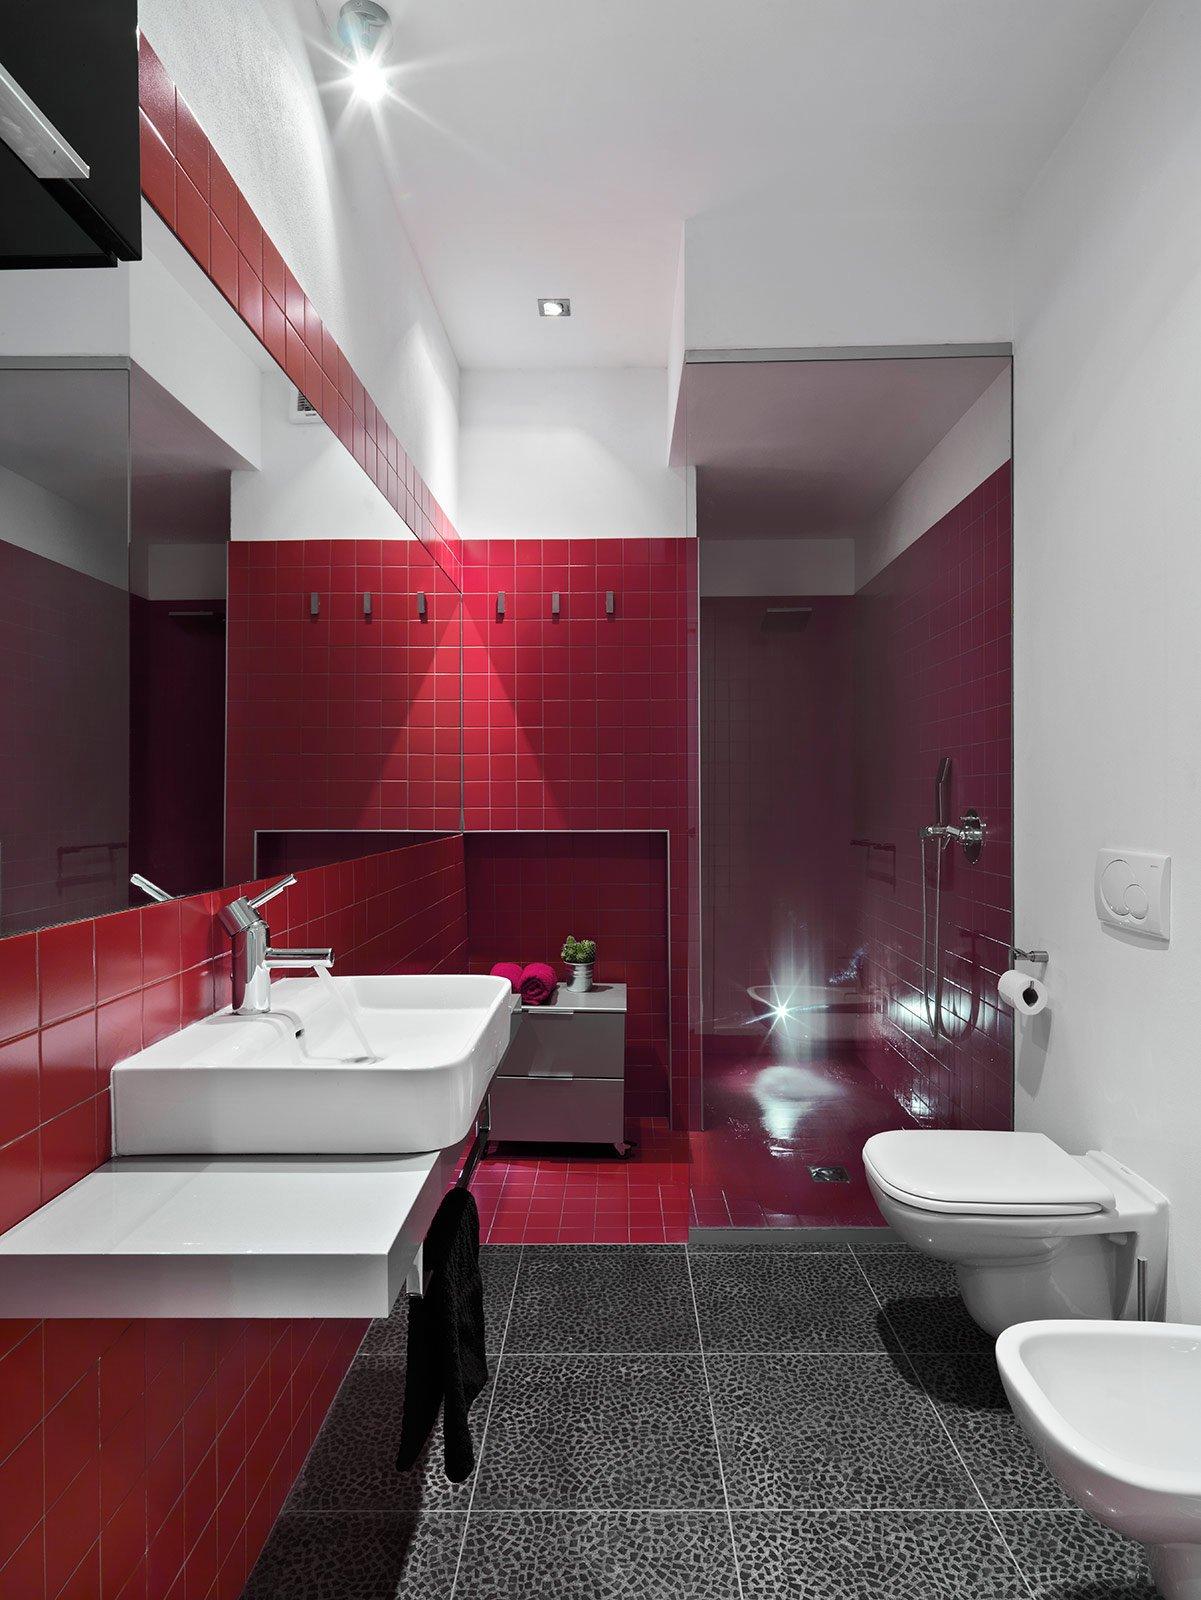 Una casa ristrutturata ridisegnando le prospettive interne for Bagni interni case